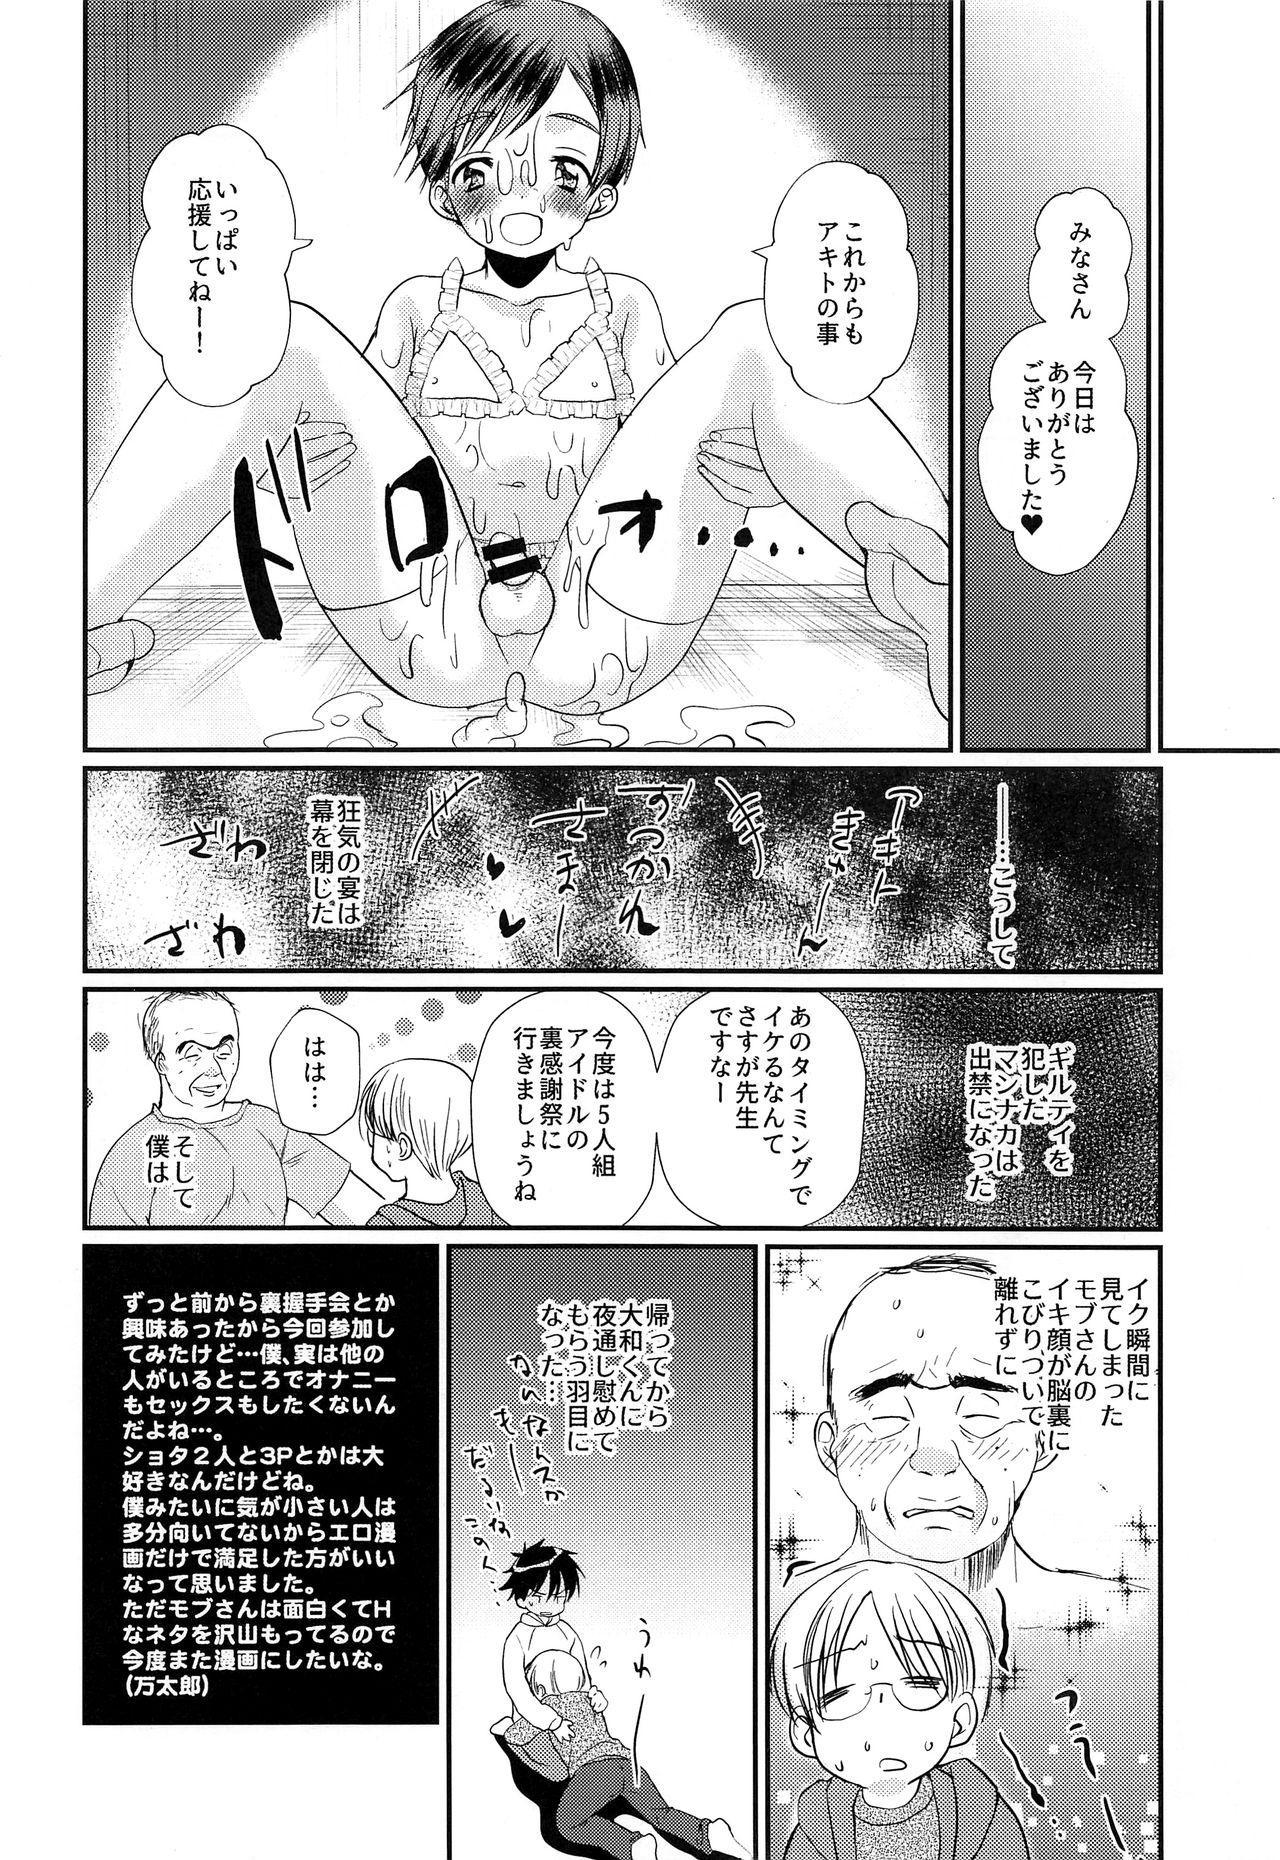 Tokumori! Shota Fuuzoku Saizensen 47